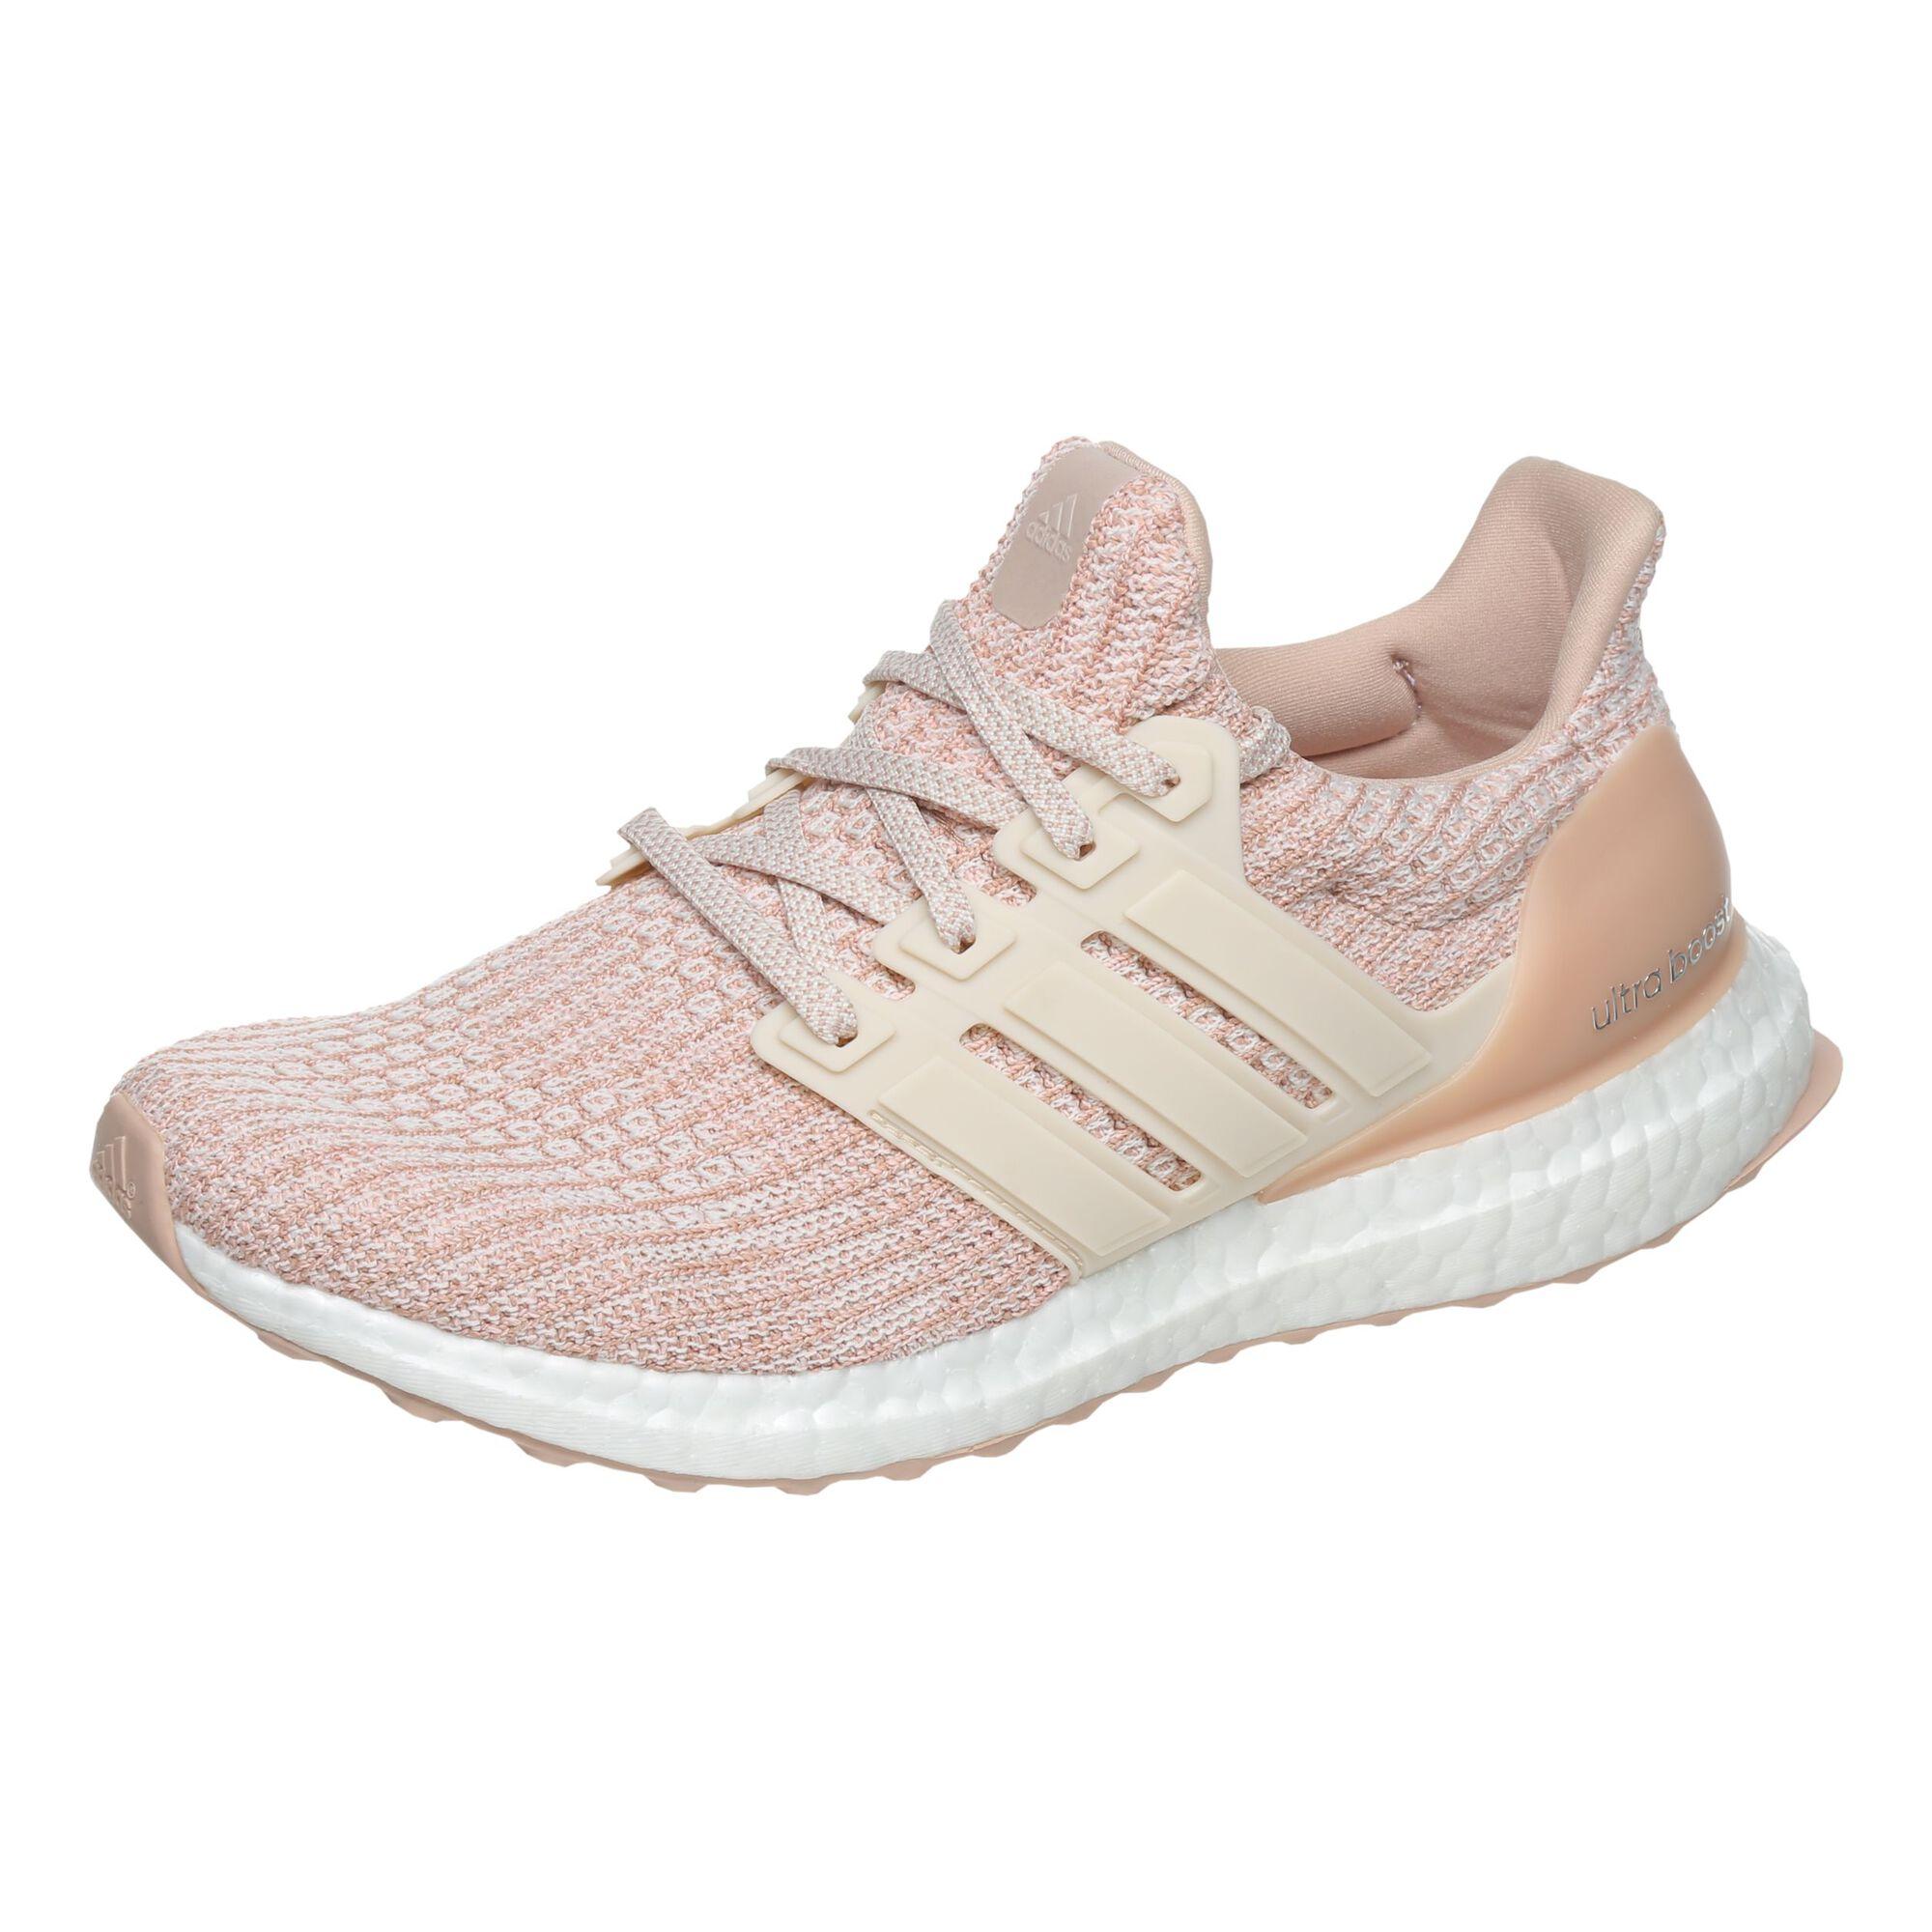 adidas Ultra Boost Neutralschuh Damen - Rosa, Creme online kaufen ... c0a5c893c2